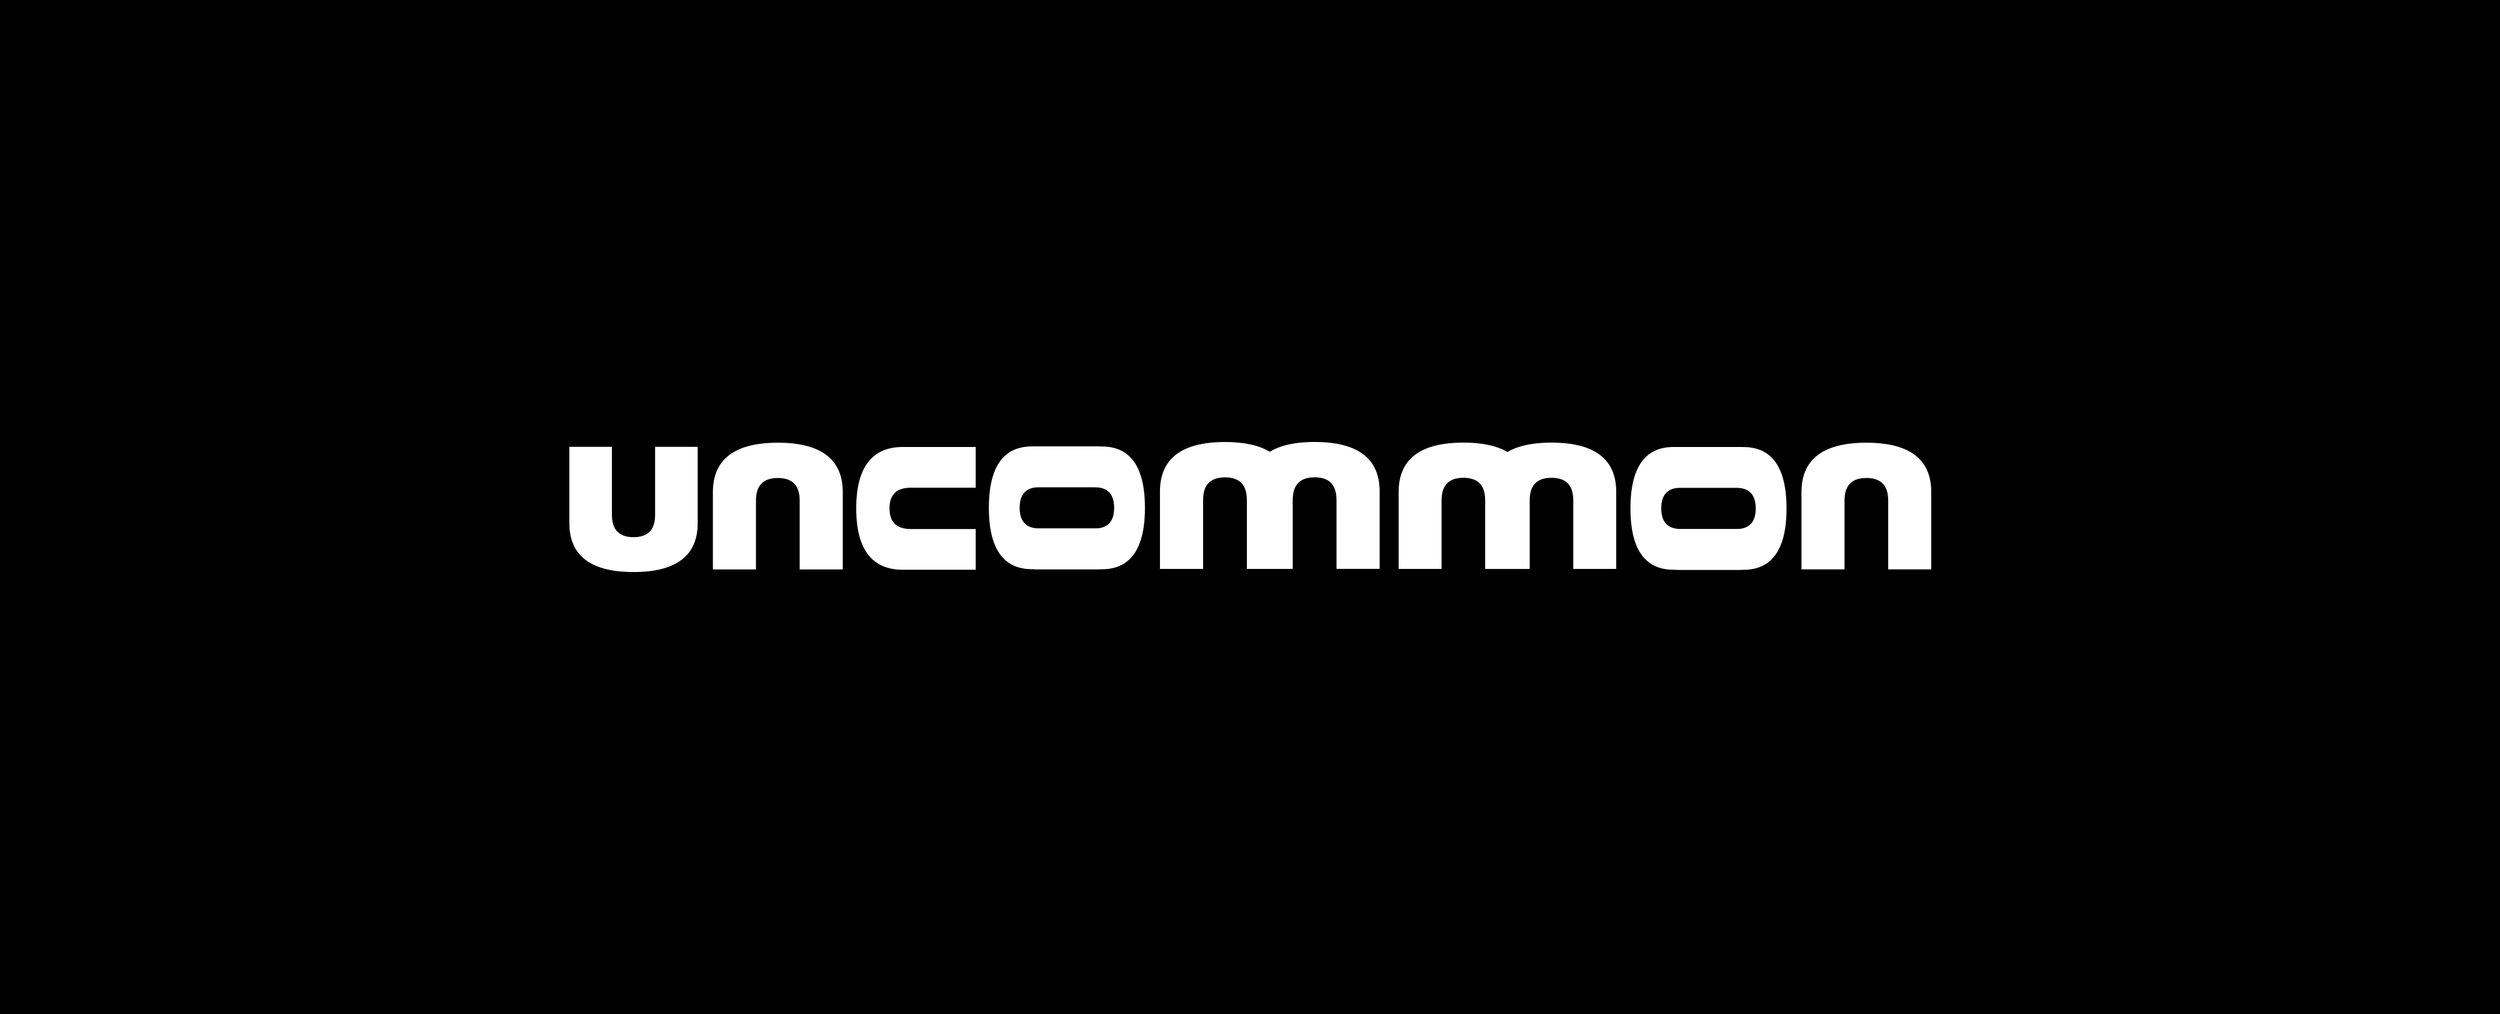 Uncommon_Logo.jpg